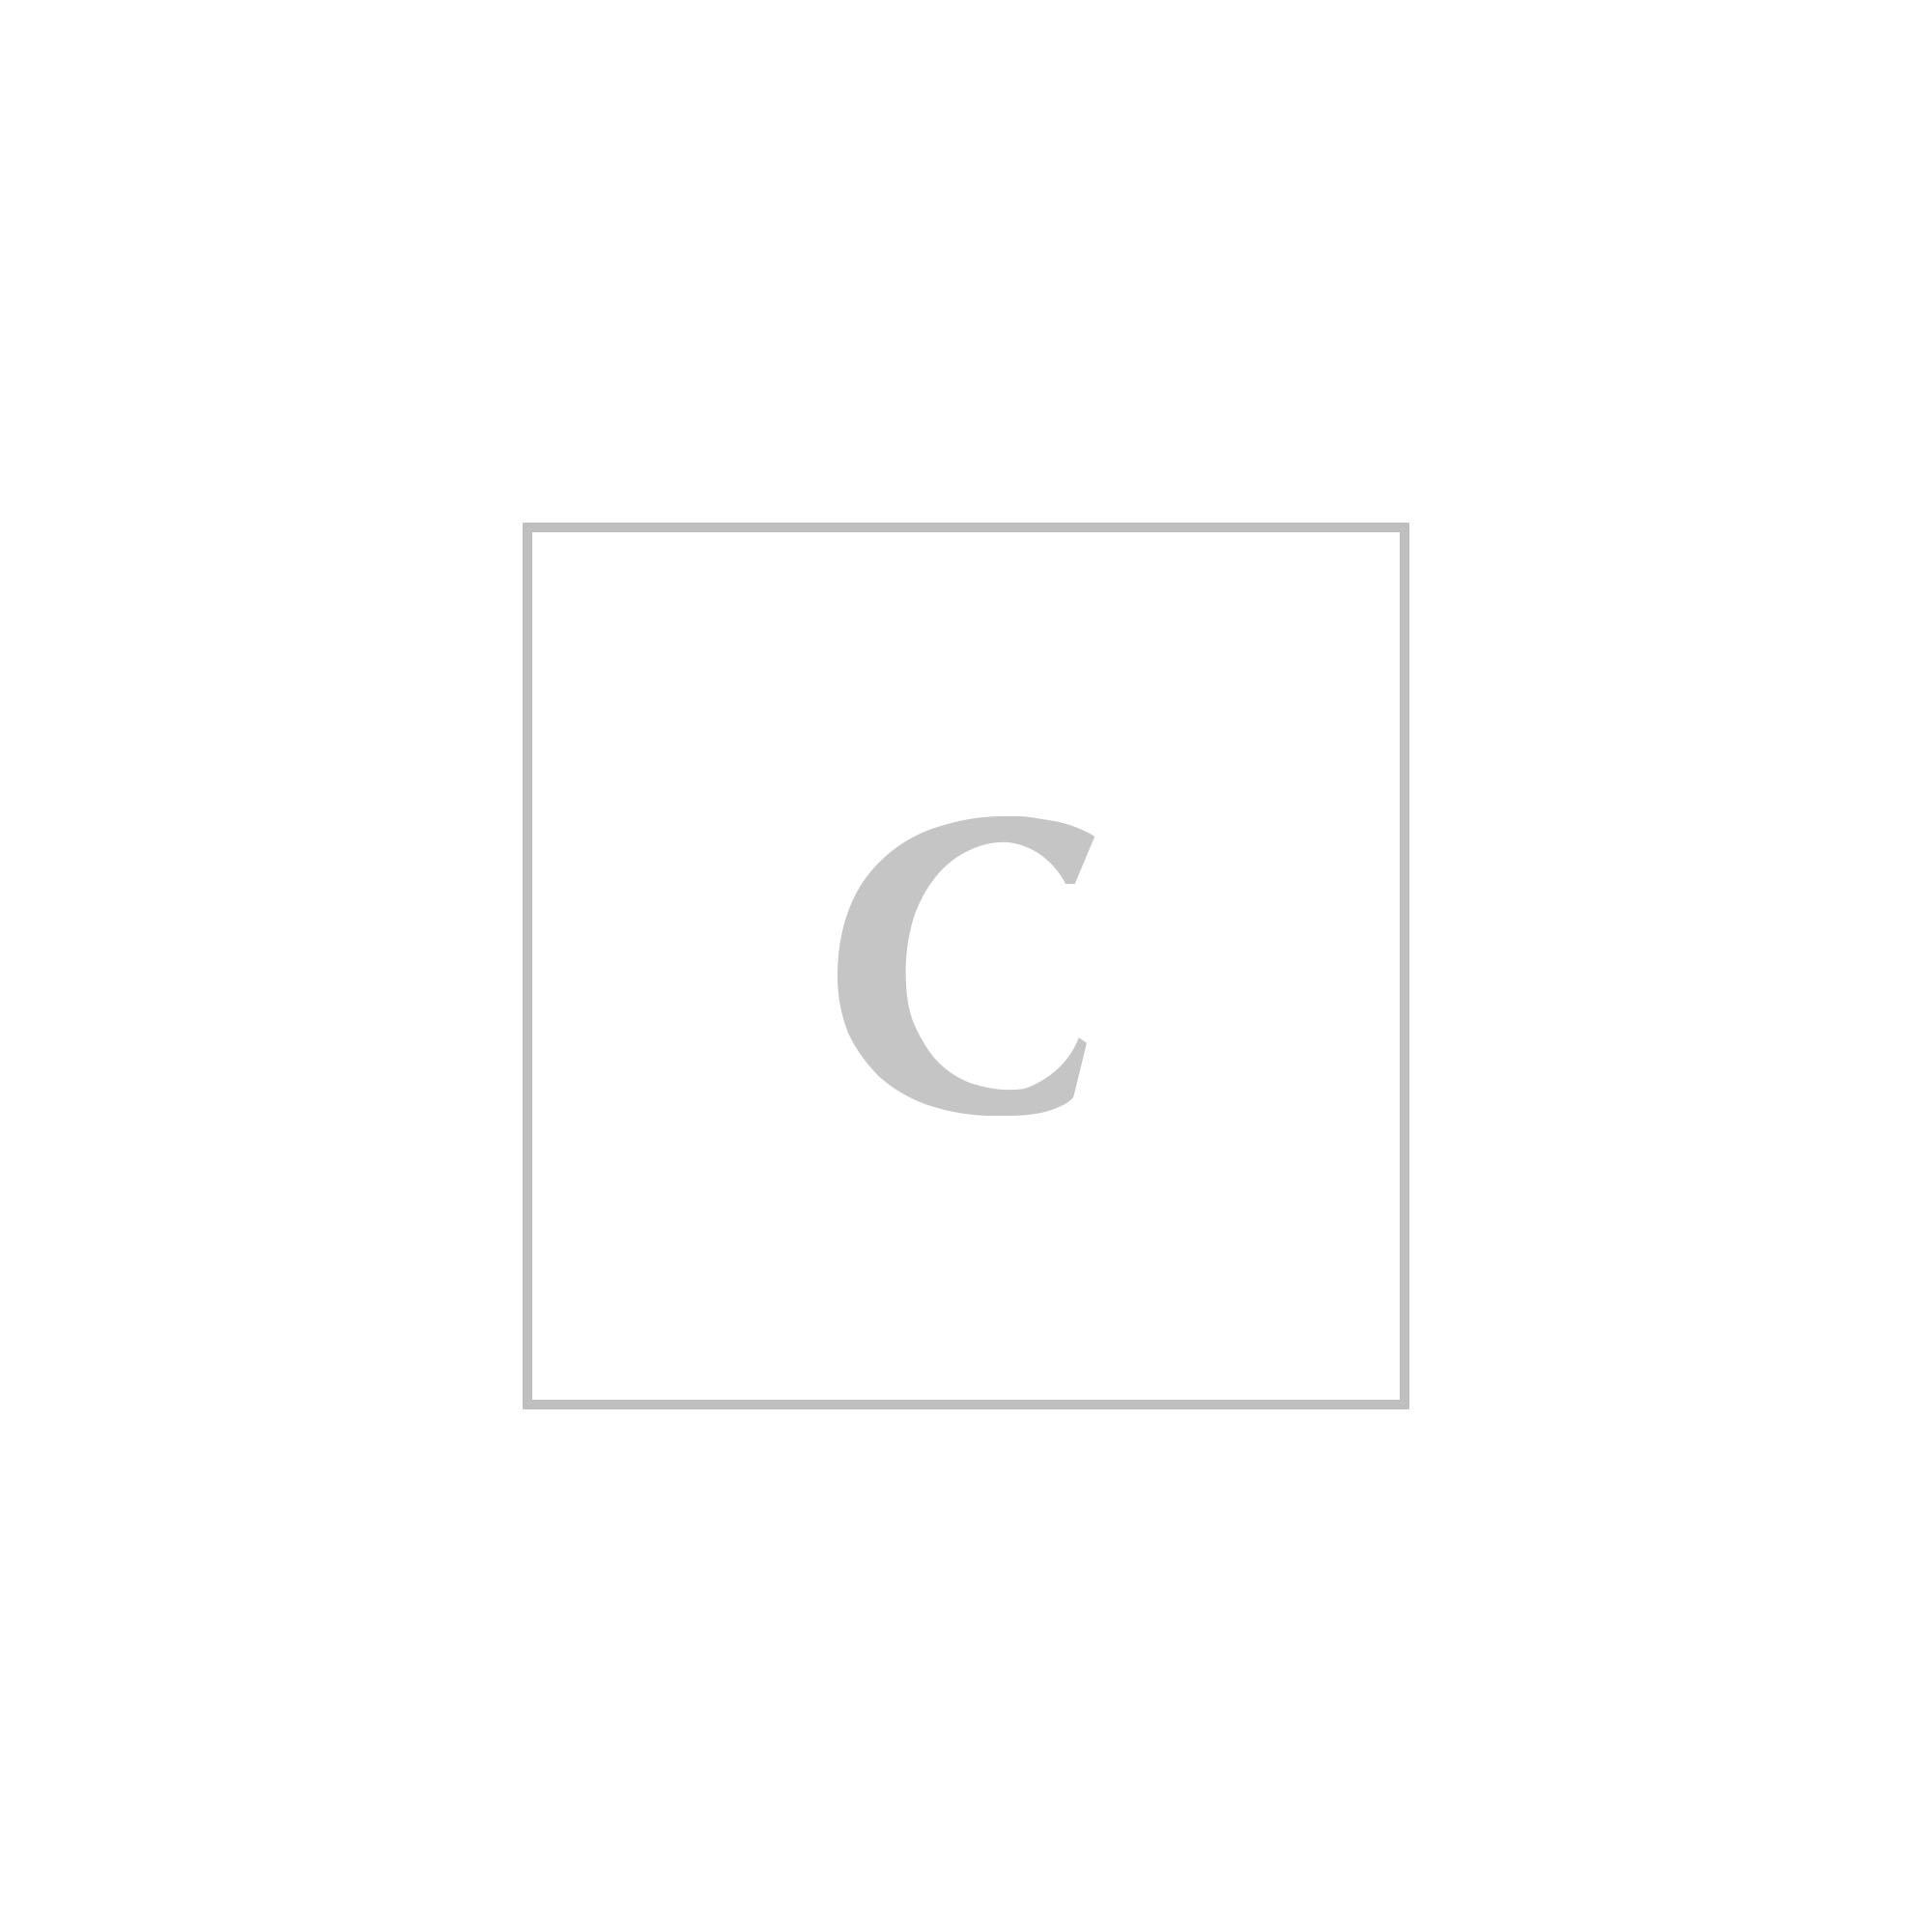 Dolce & gabbana dauphine calfskin iphone case